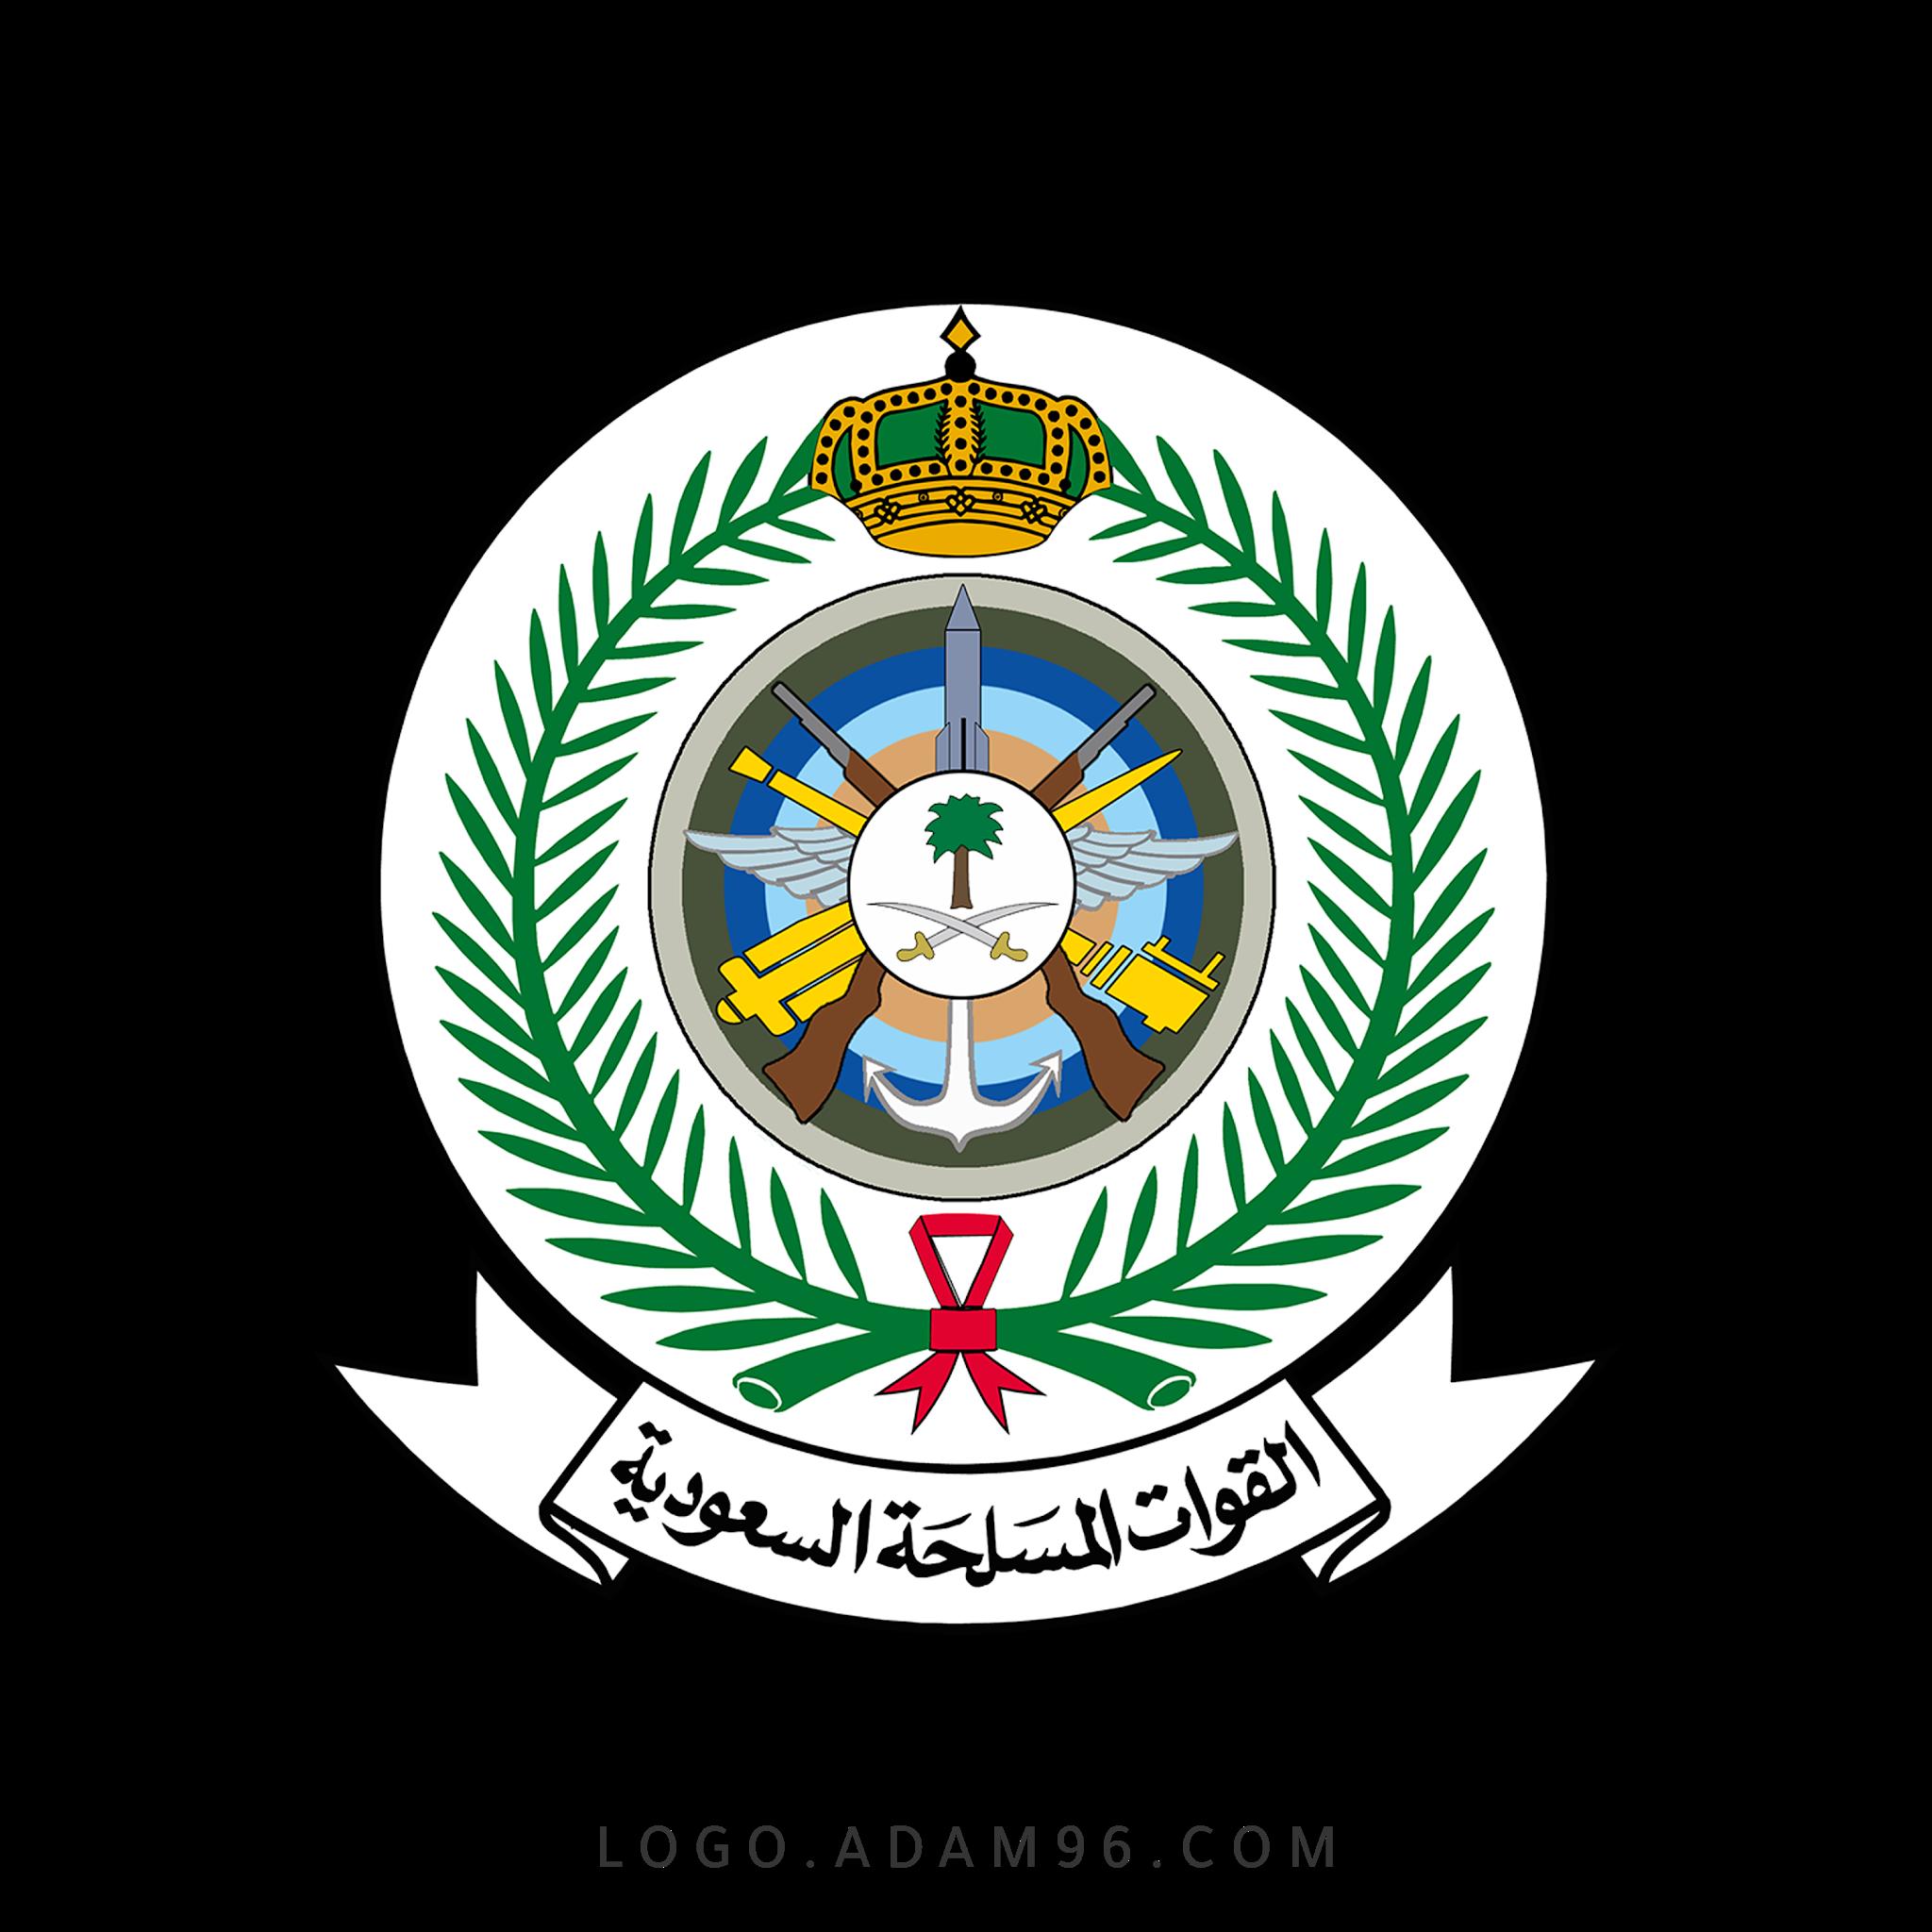 تحميل شعار القوات المسلحة السعودية لوجو رسمي عالي الجودة PNG